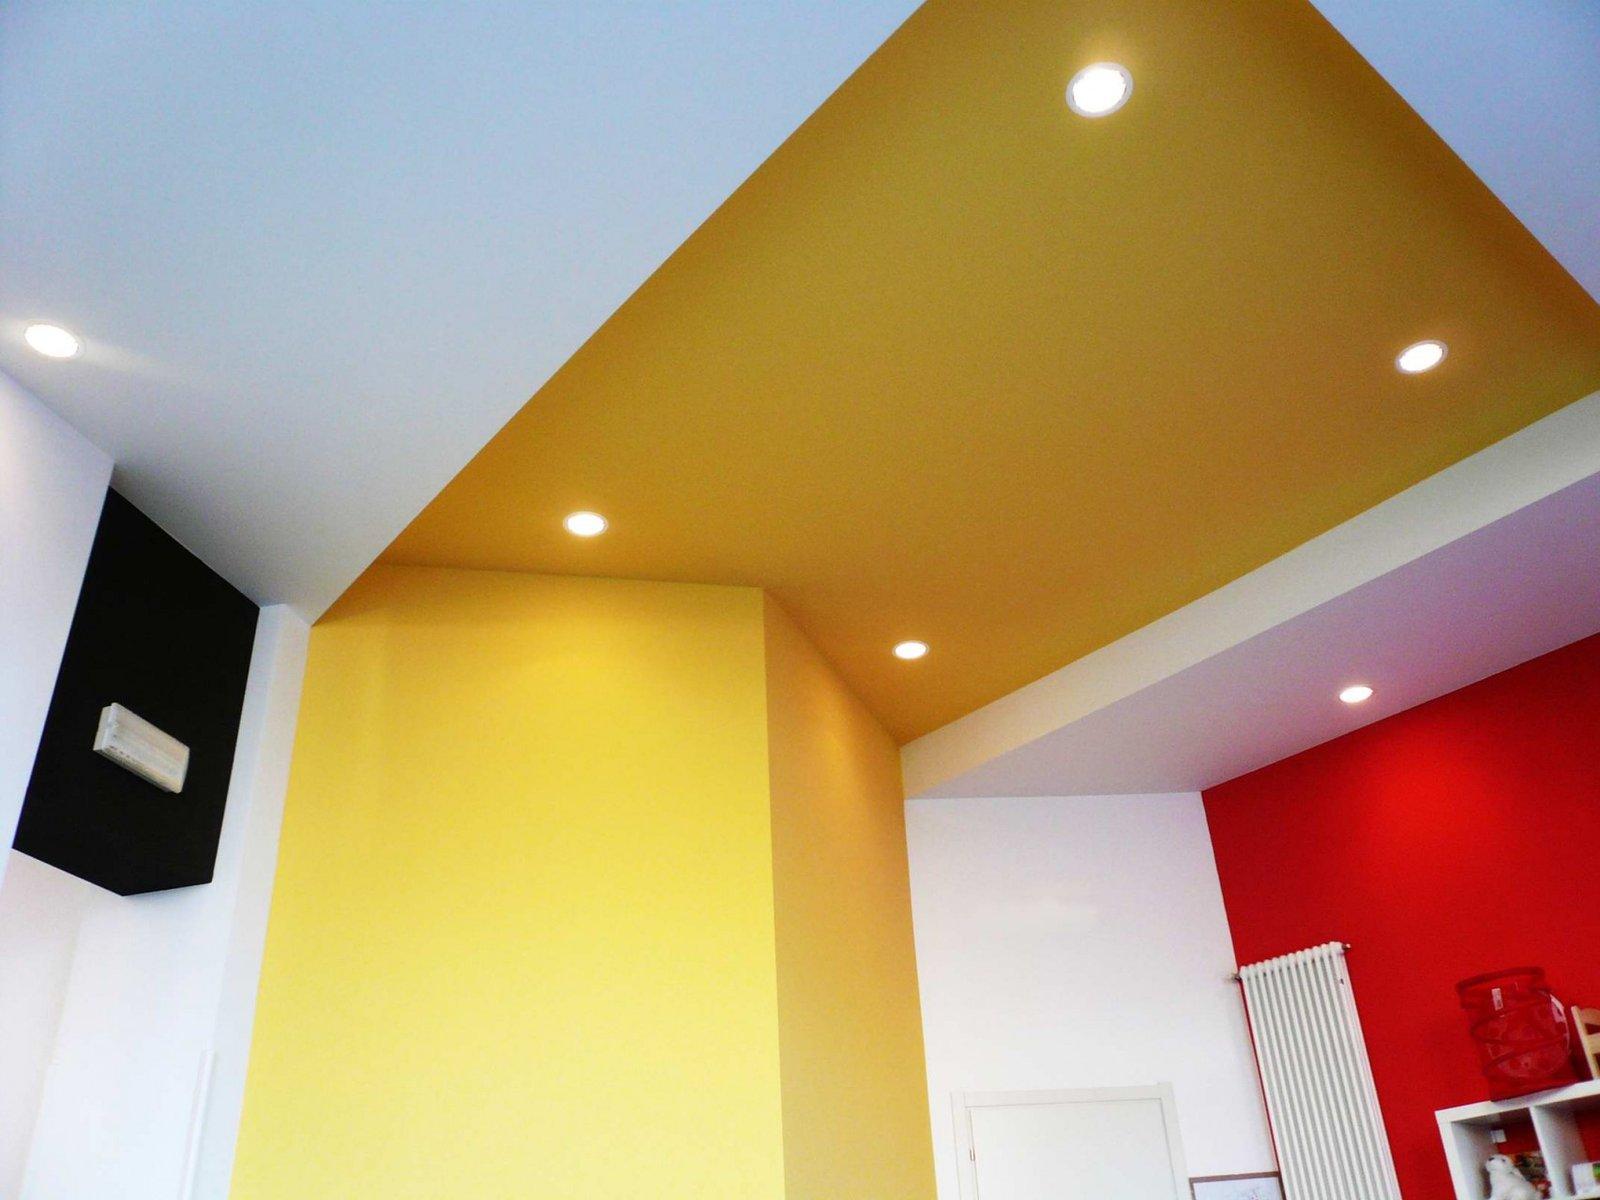 Il taglio dei soffitti che delineano gli spazi, mutando di colore e quota, dando spazio alla fantasia dei bimbi